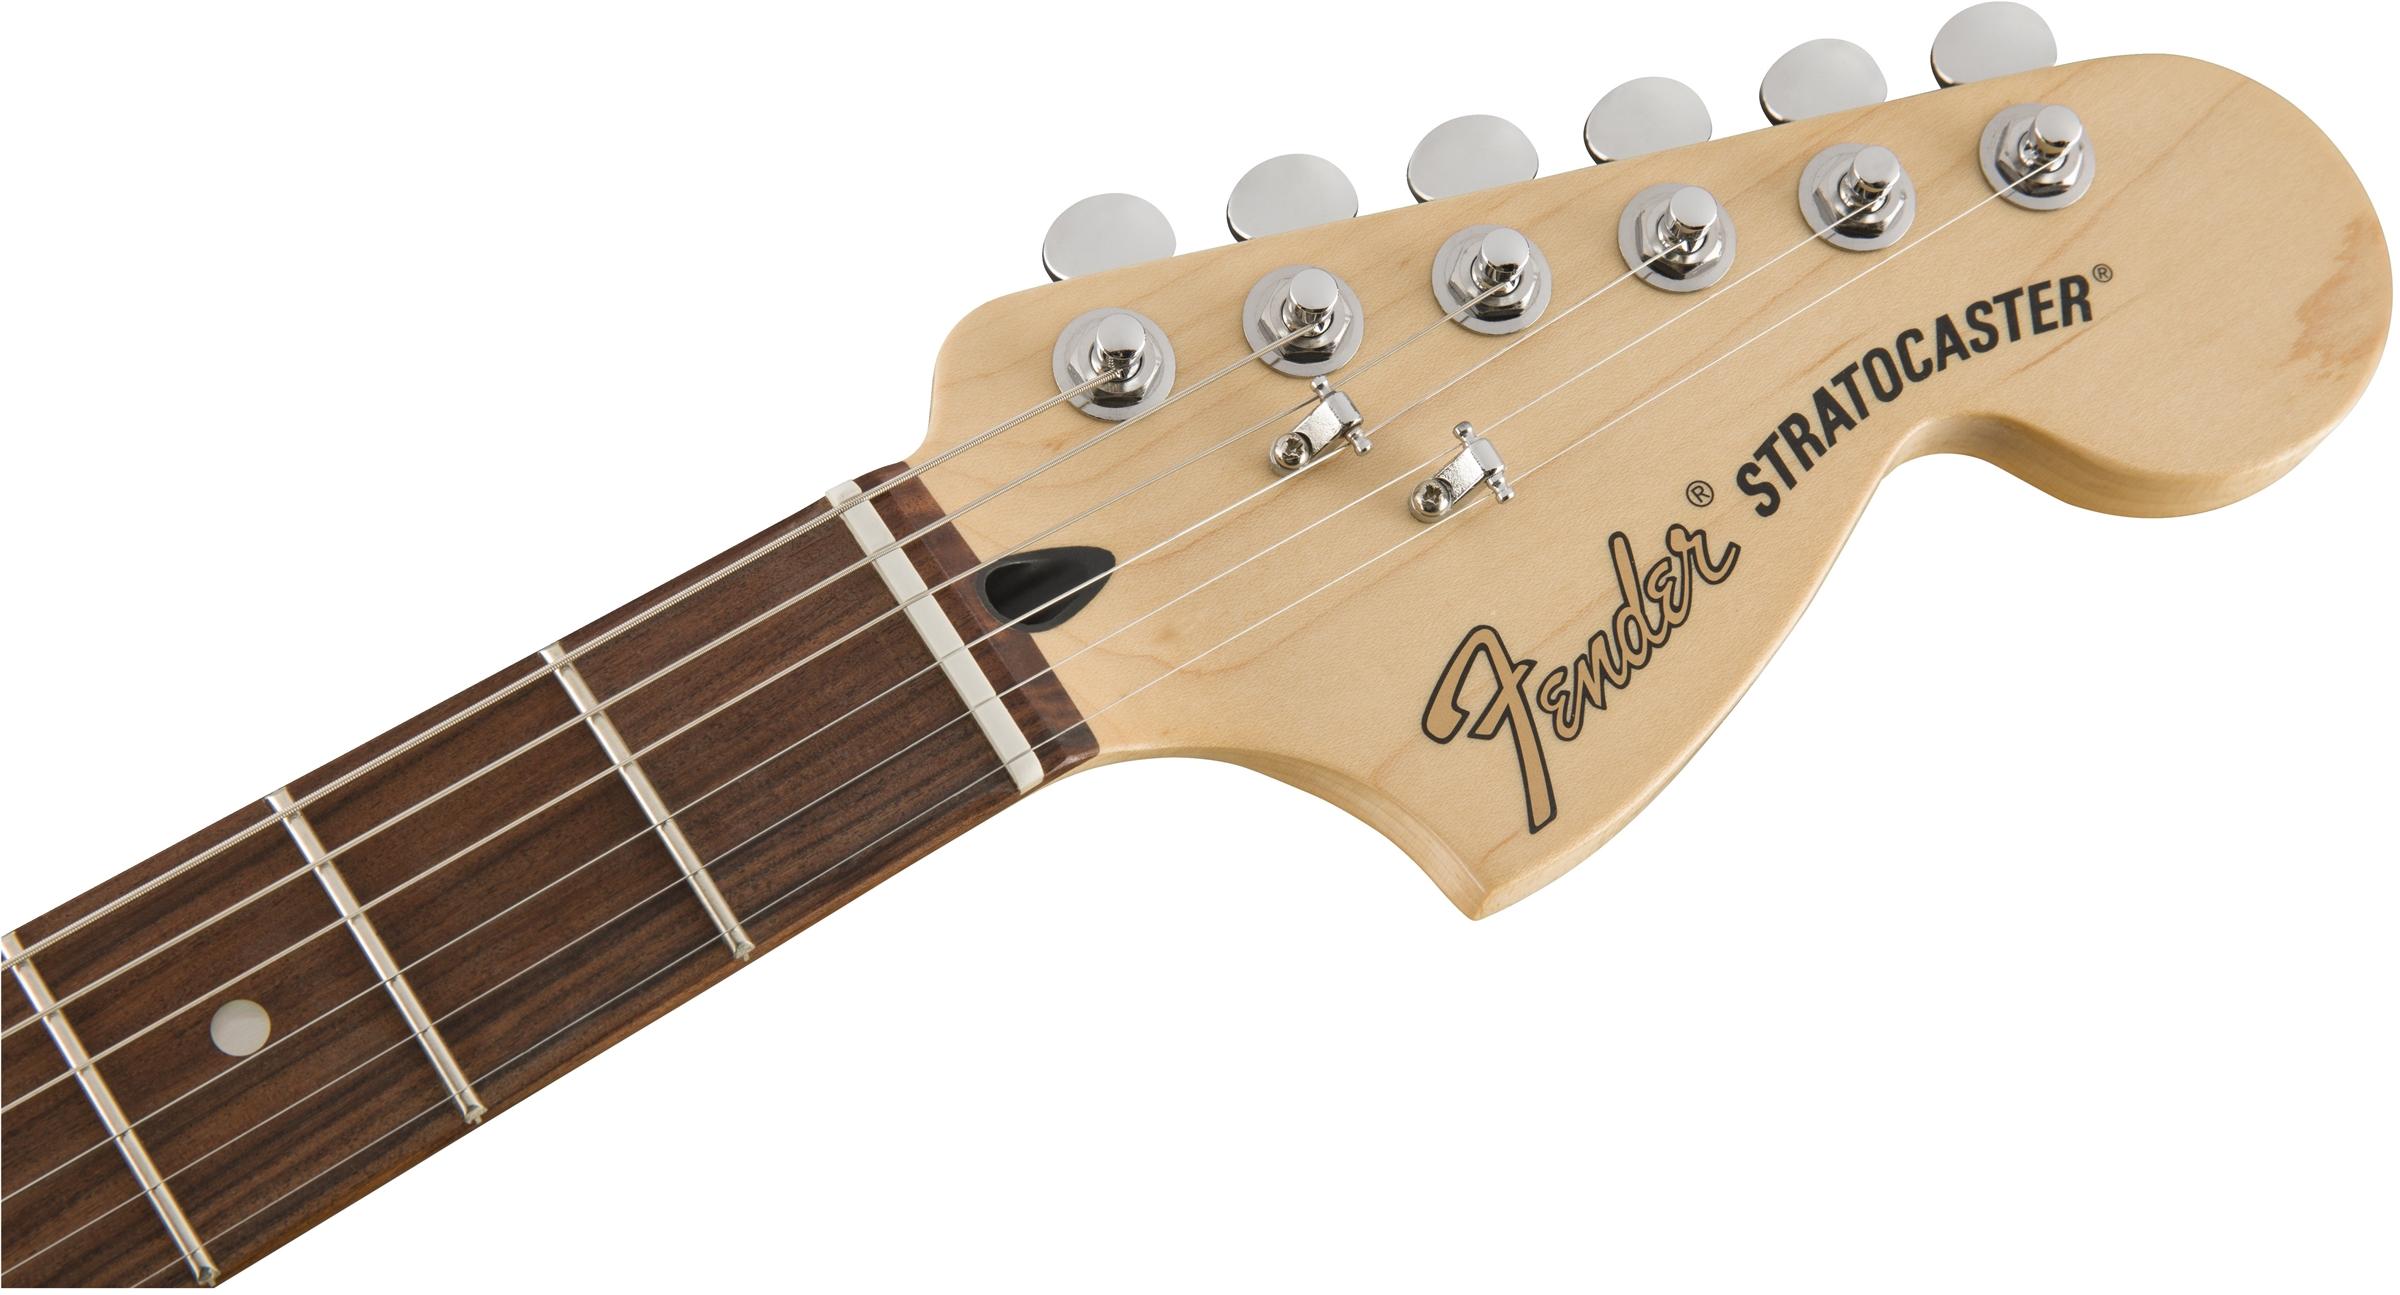 Strat Vintage Wiring Hhs Data Kramer Guitar Diagram Deluxe Hss Electric Guitars Rh Shop Fender Com Standard Pickups